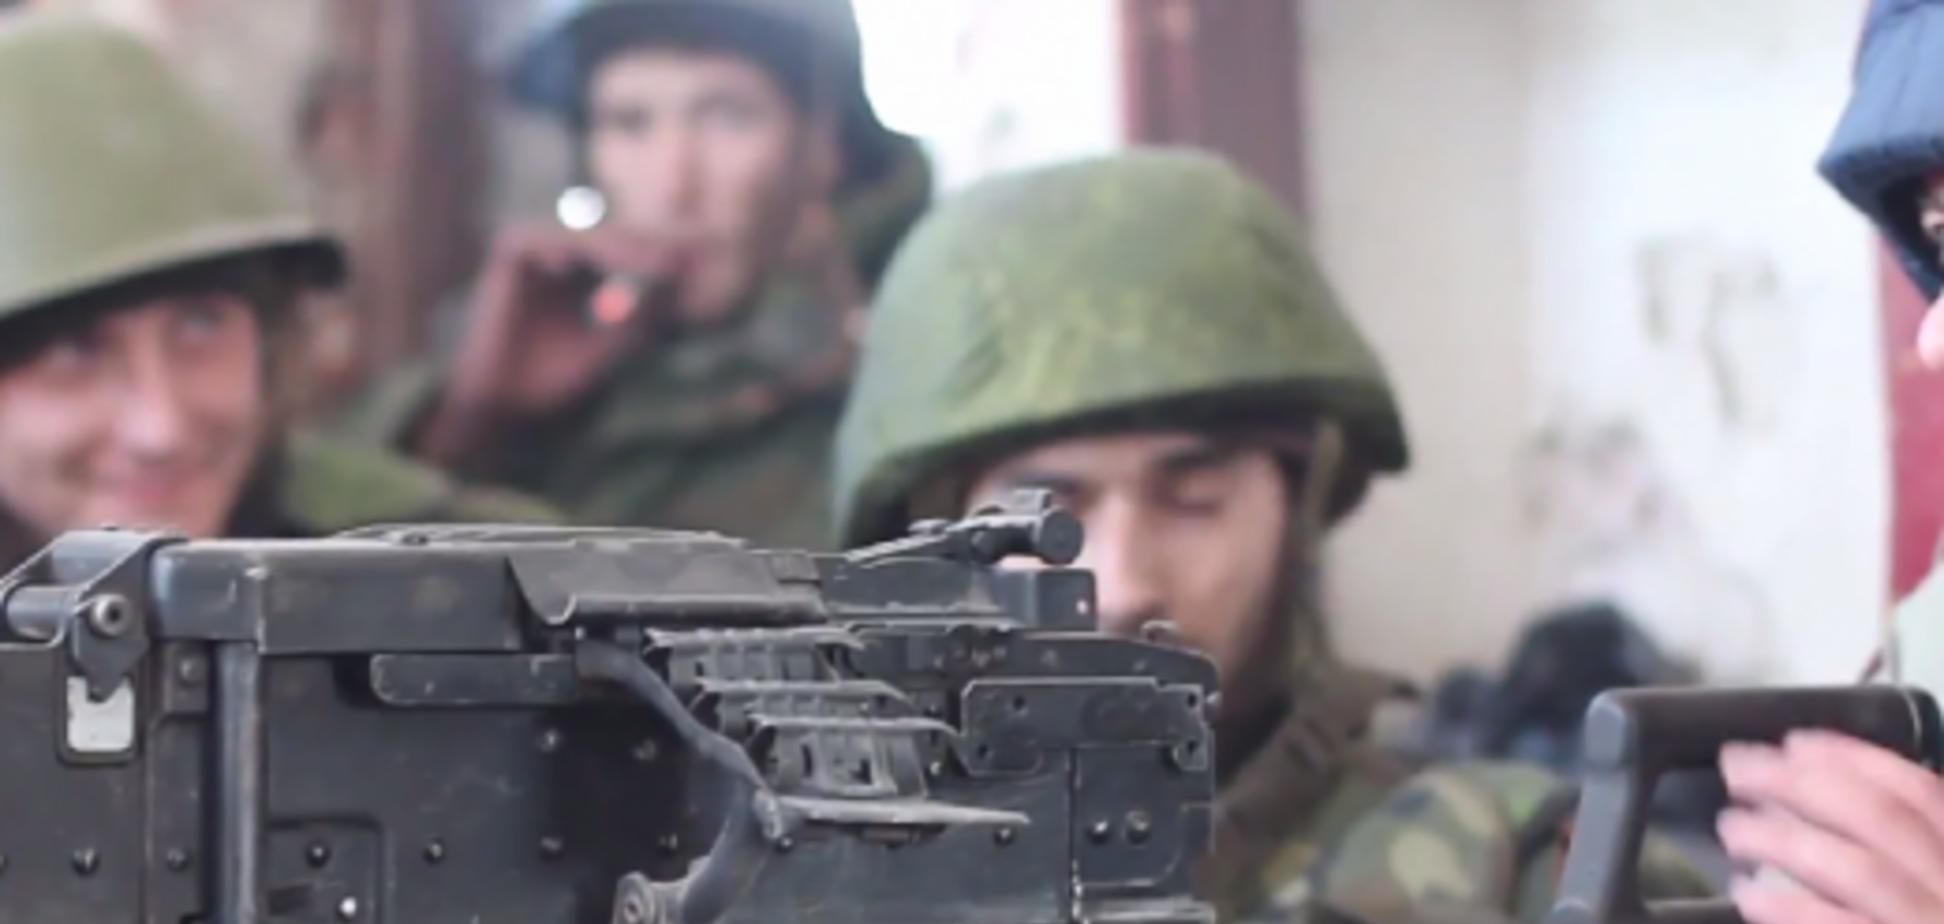 Кох: стреляющий в украинцев Пореченков переплюнул Гитлера